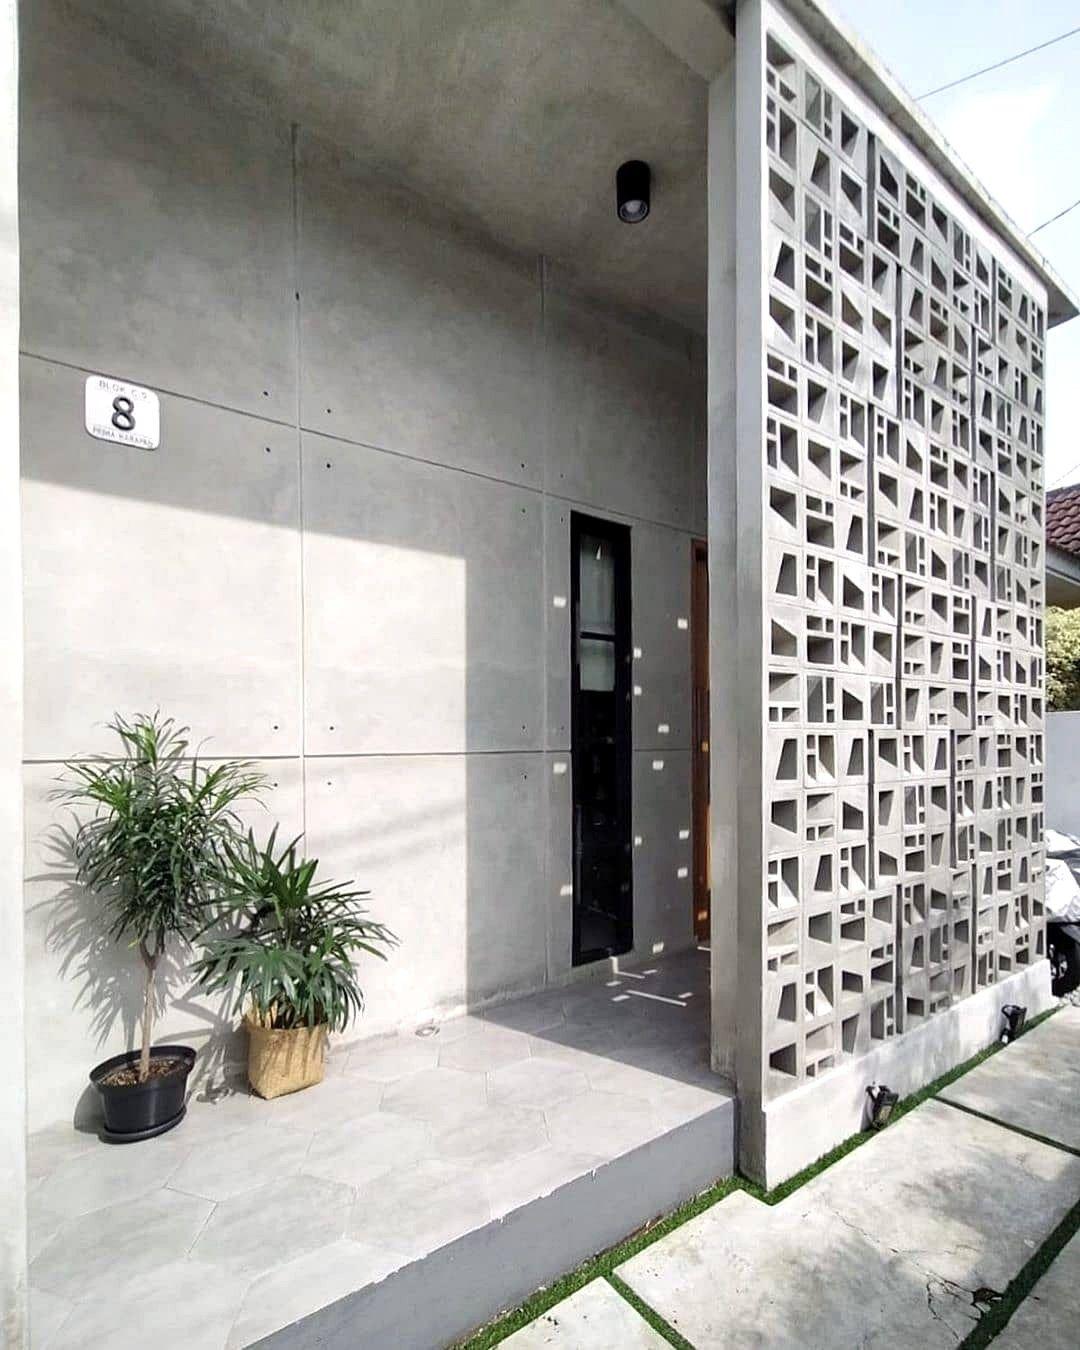 Desain Pagar Rumah Dari Roster Beton Susun Acak Di 2021 Rumah Minimalis Rumah Desain